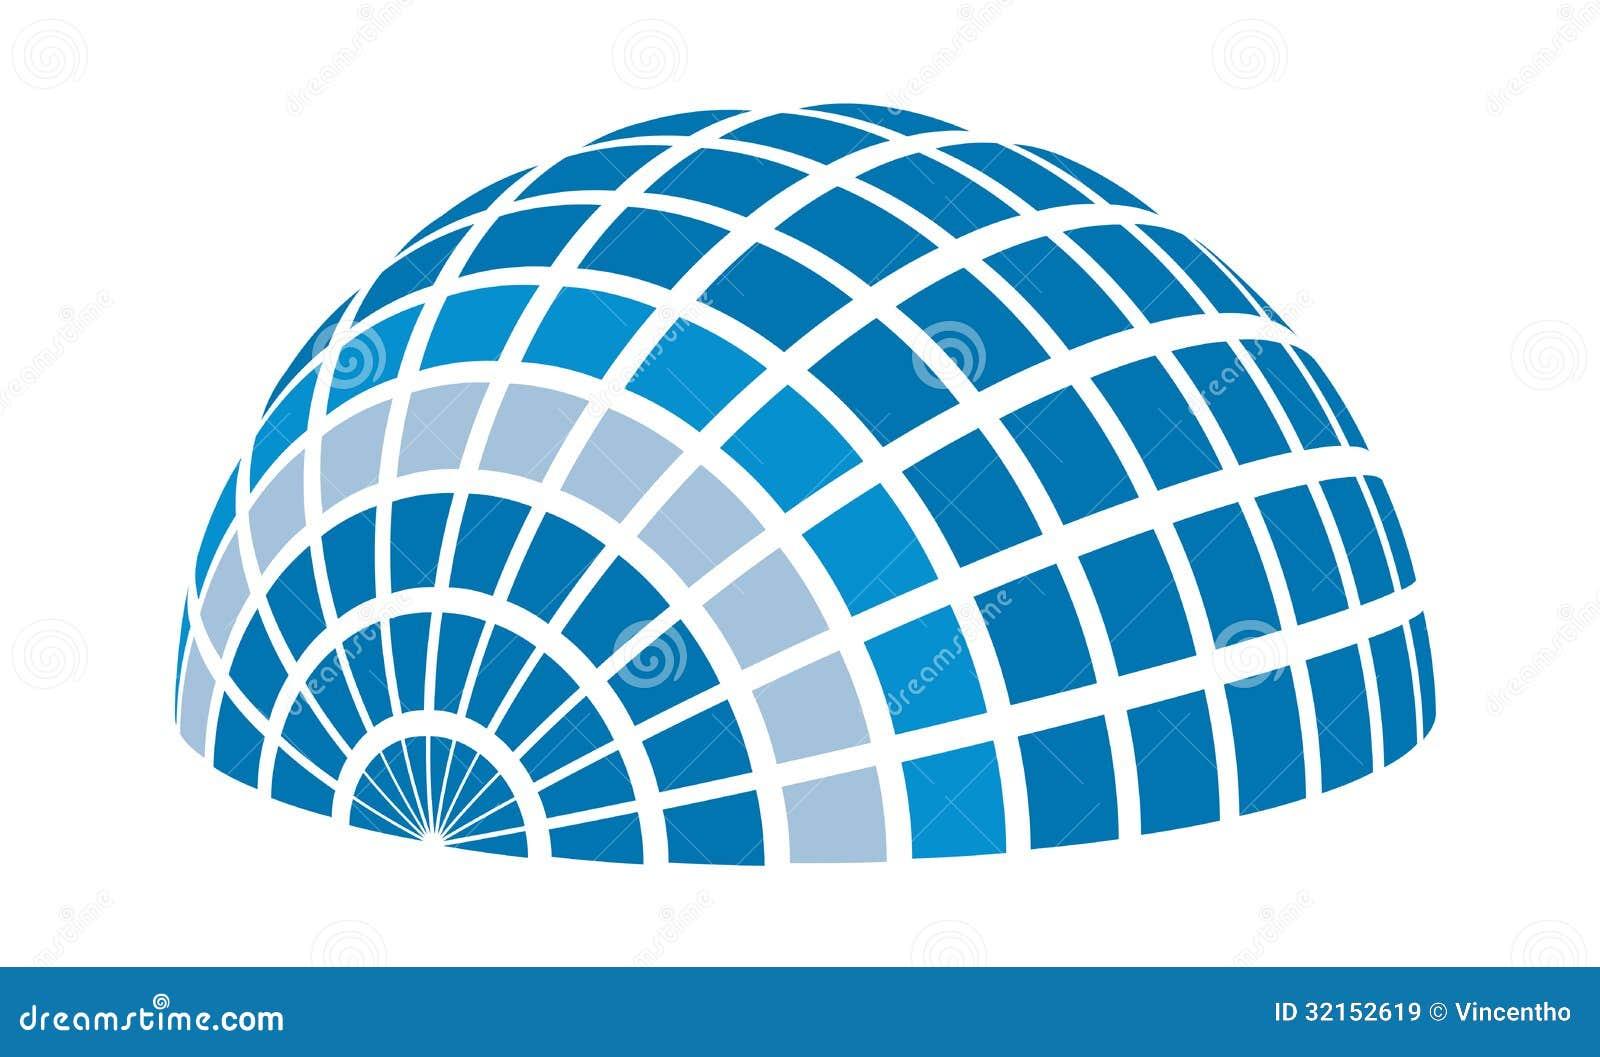 太阳光芒圆顶商标元素例证